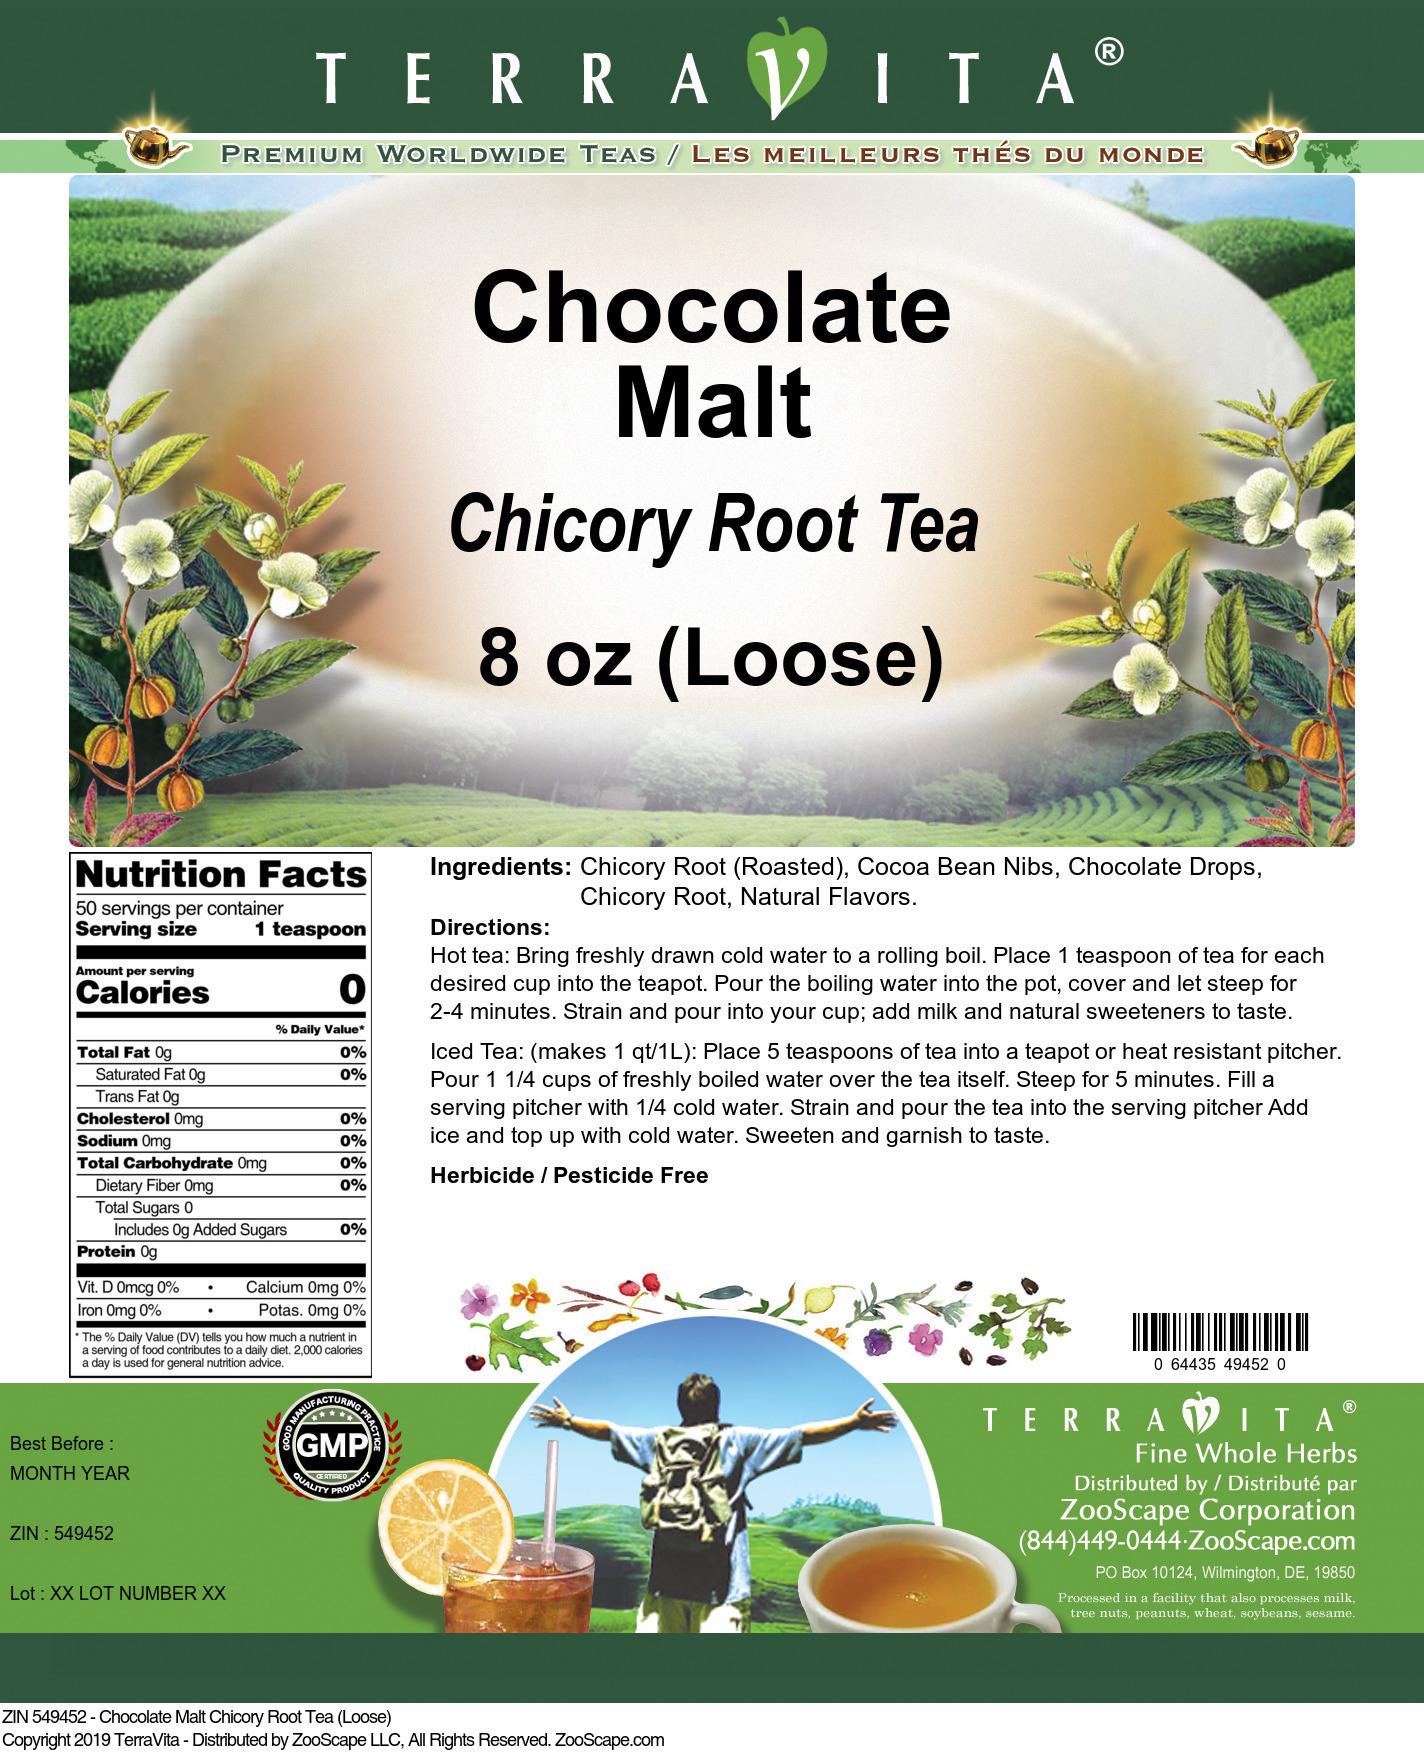 Chocolate Malt Chicory Root